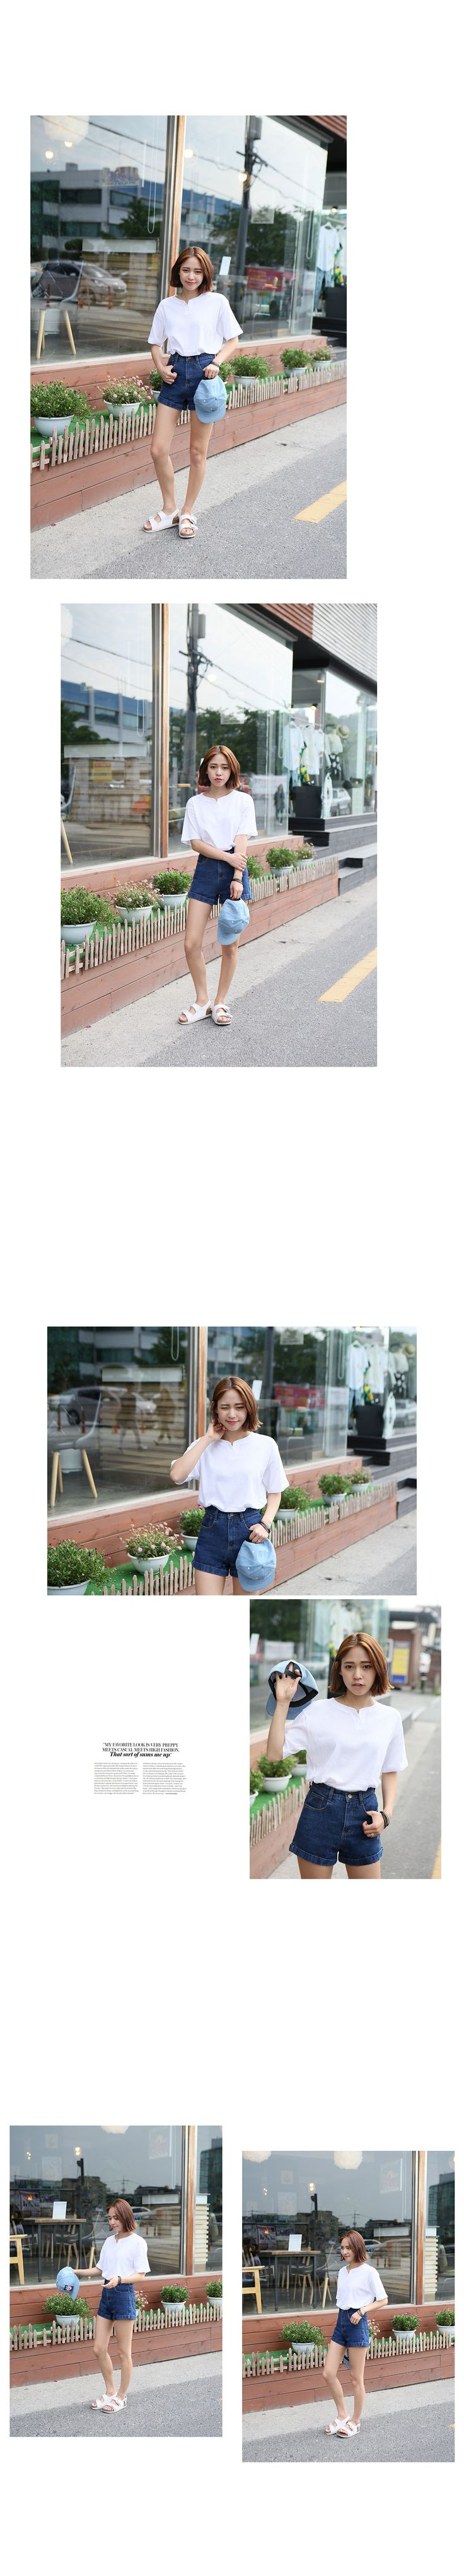 フライス生地無地ハーフTシャツ - 激安カジュアルファッション通販《GOGOSING》♥安カワな人気レディースファッションが続々入荷中!!